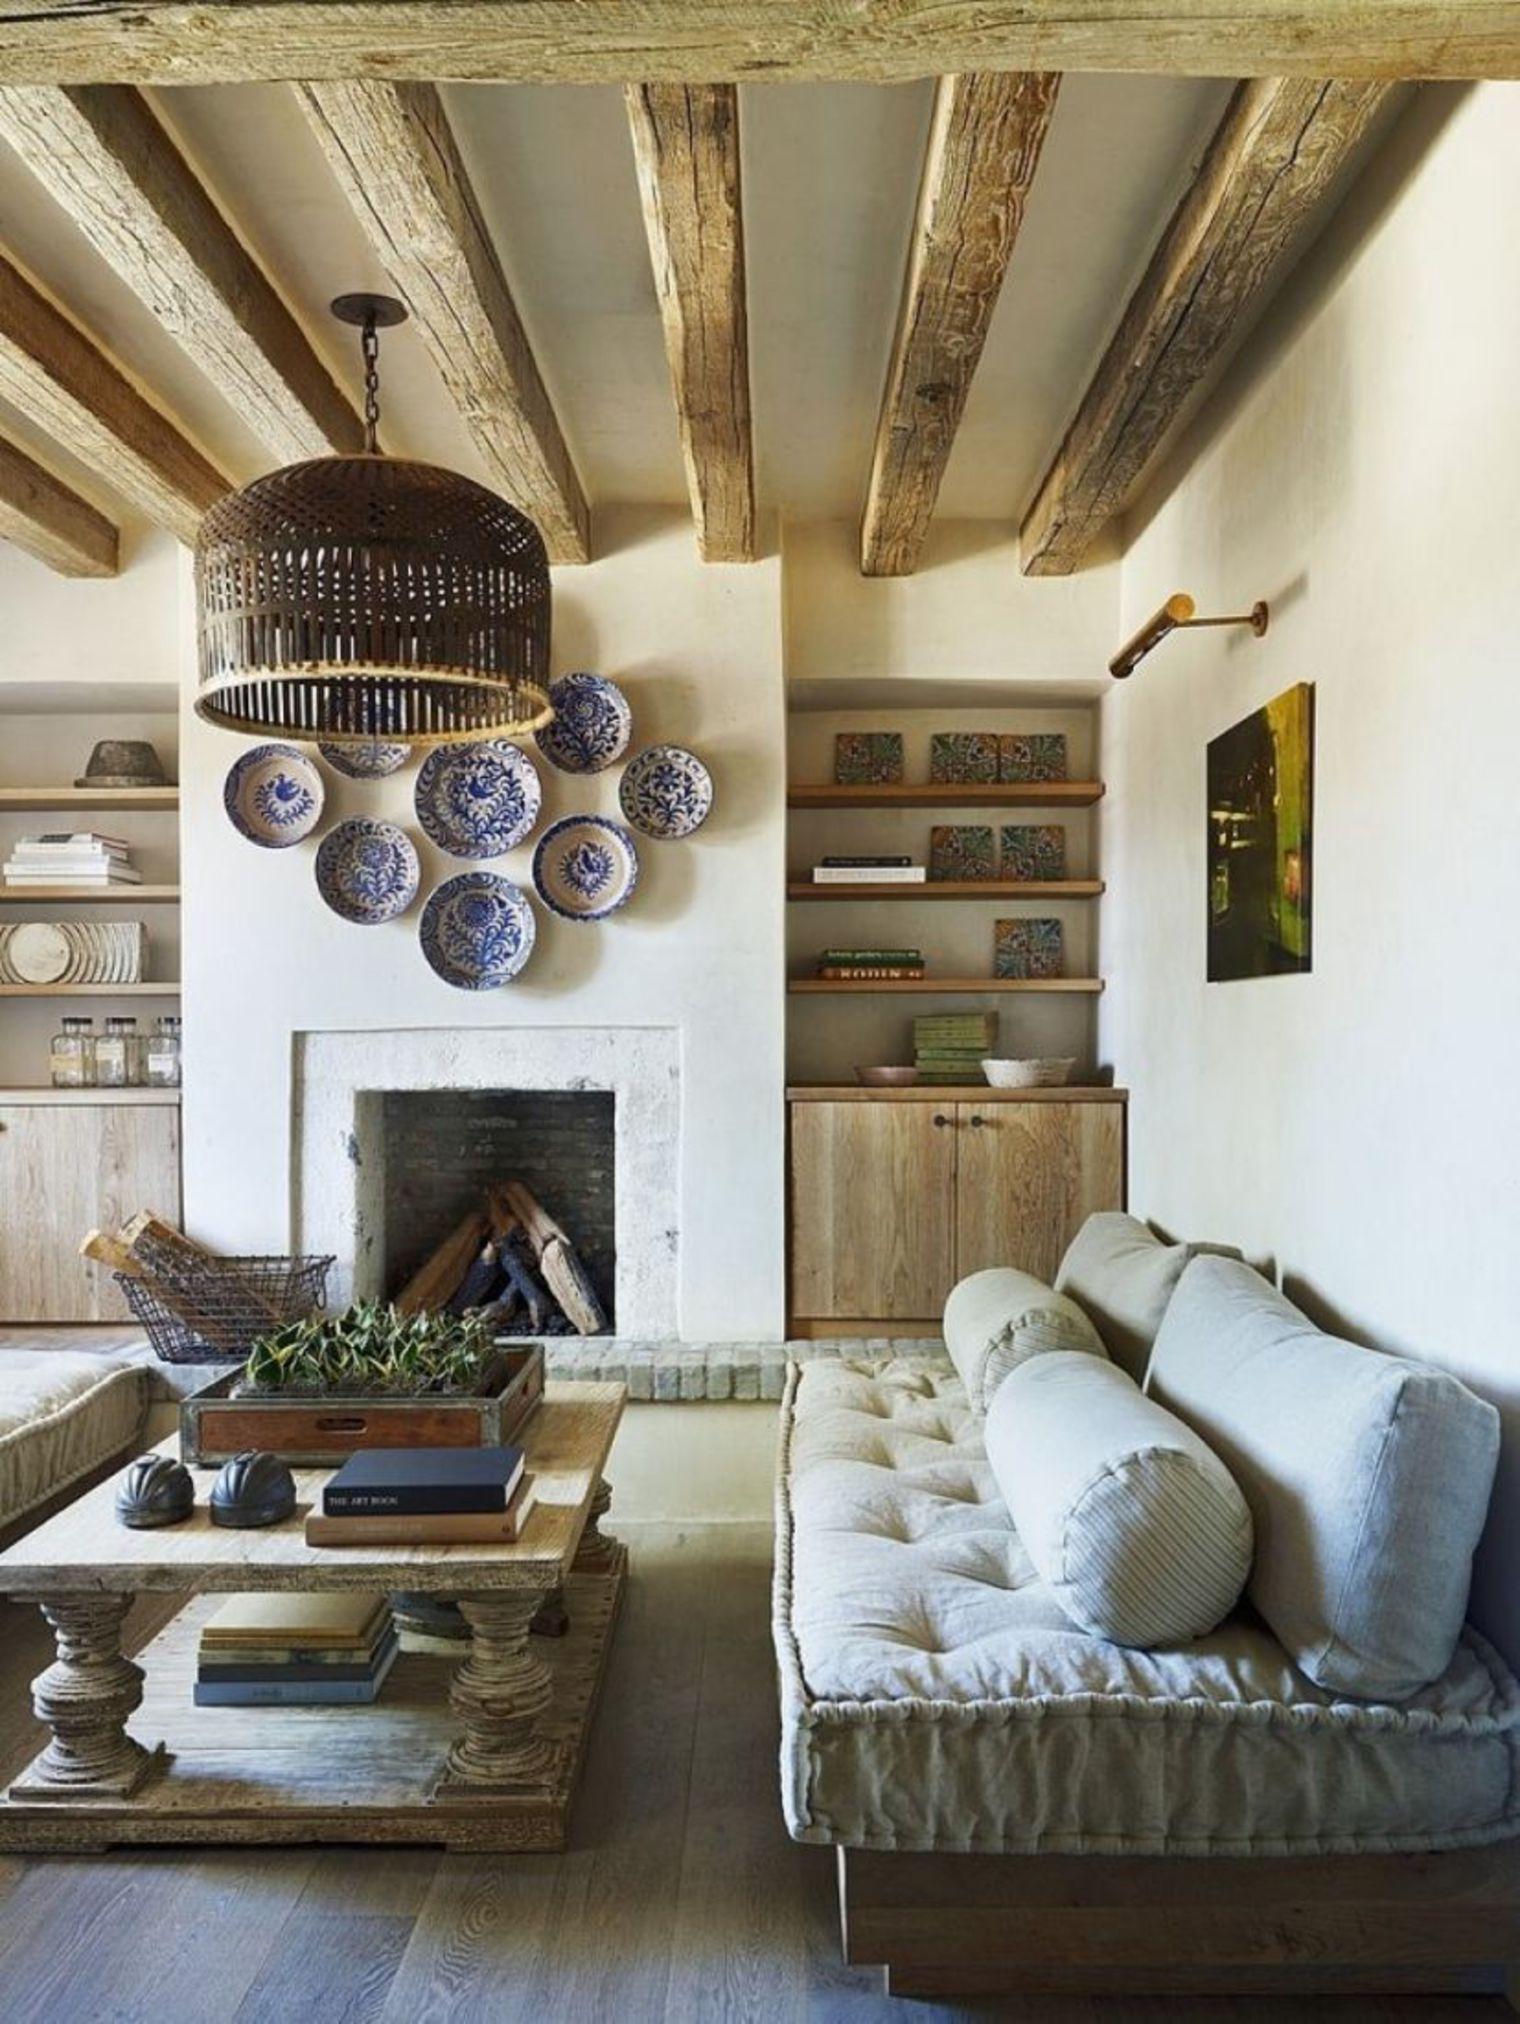 Favorito 14 incredibili modi per decorare un salotto in stile rustico (FOTO) LA11